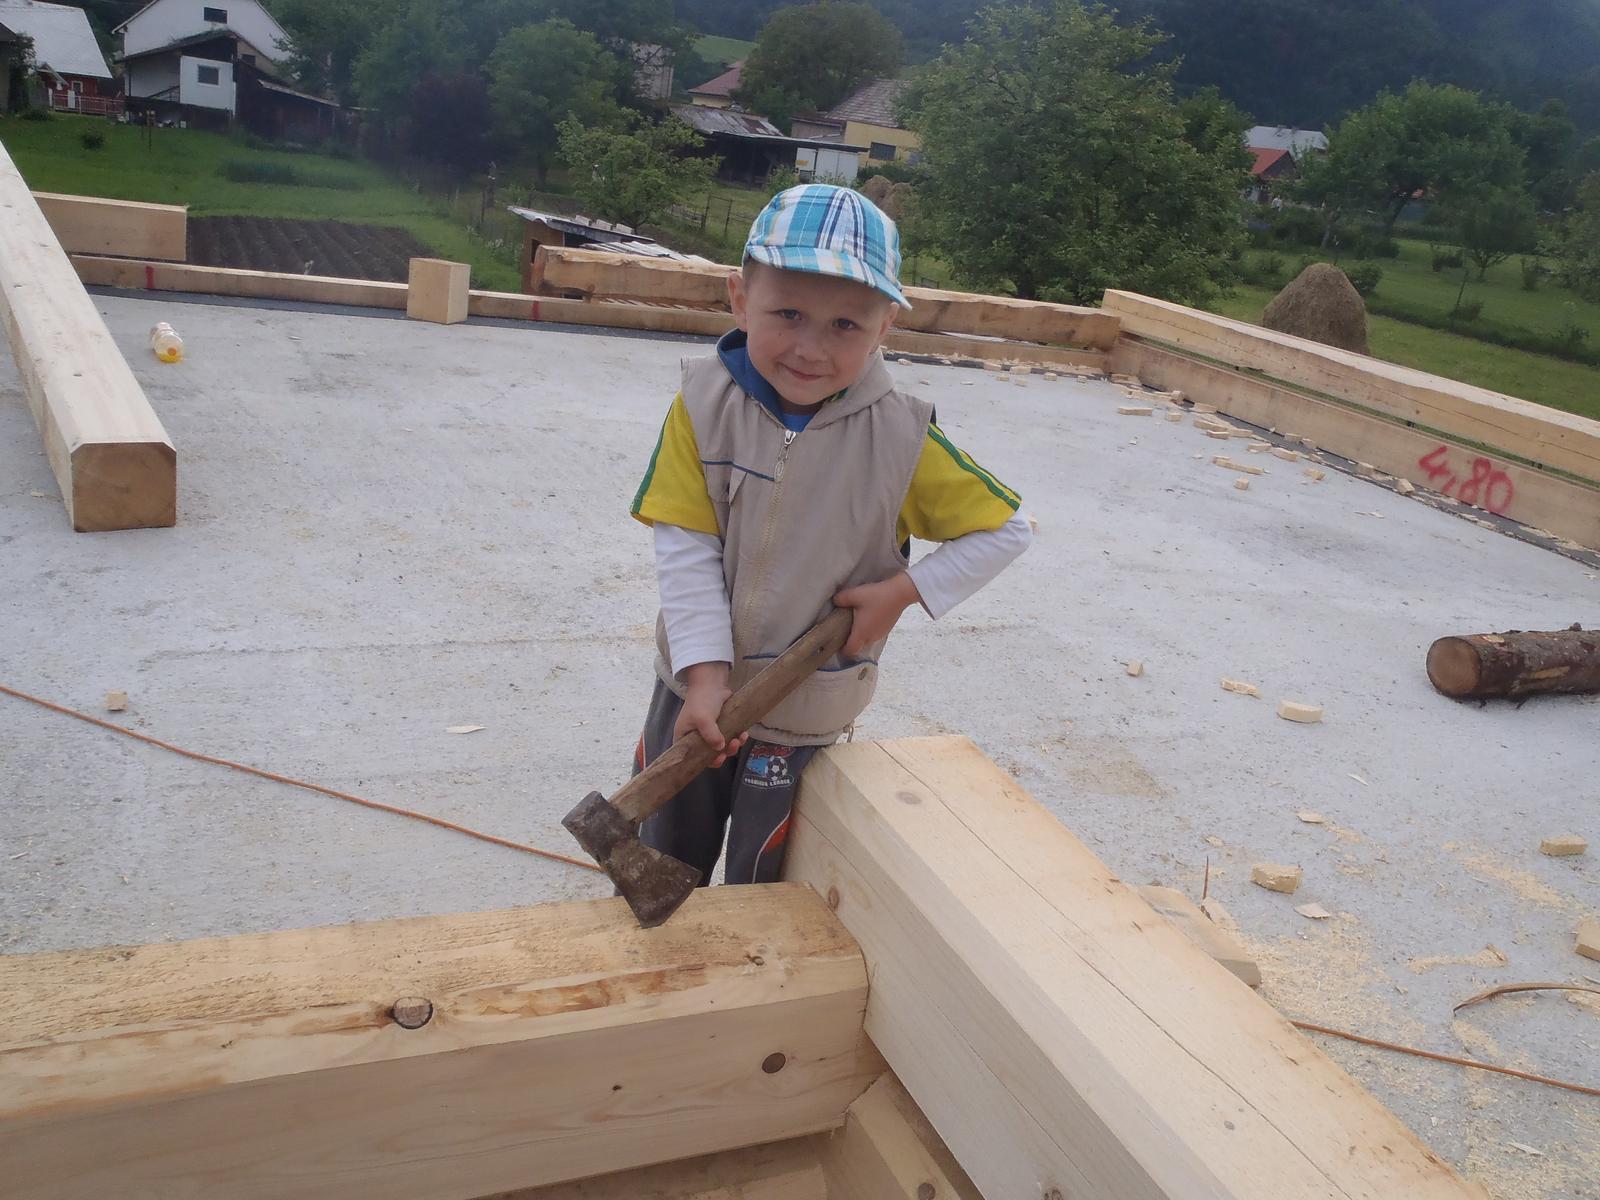 Náš veľký sen o drevenom domčeku! - Náš malý pomocník :-) dogabaný, ale náš :-D